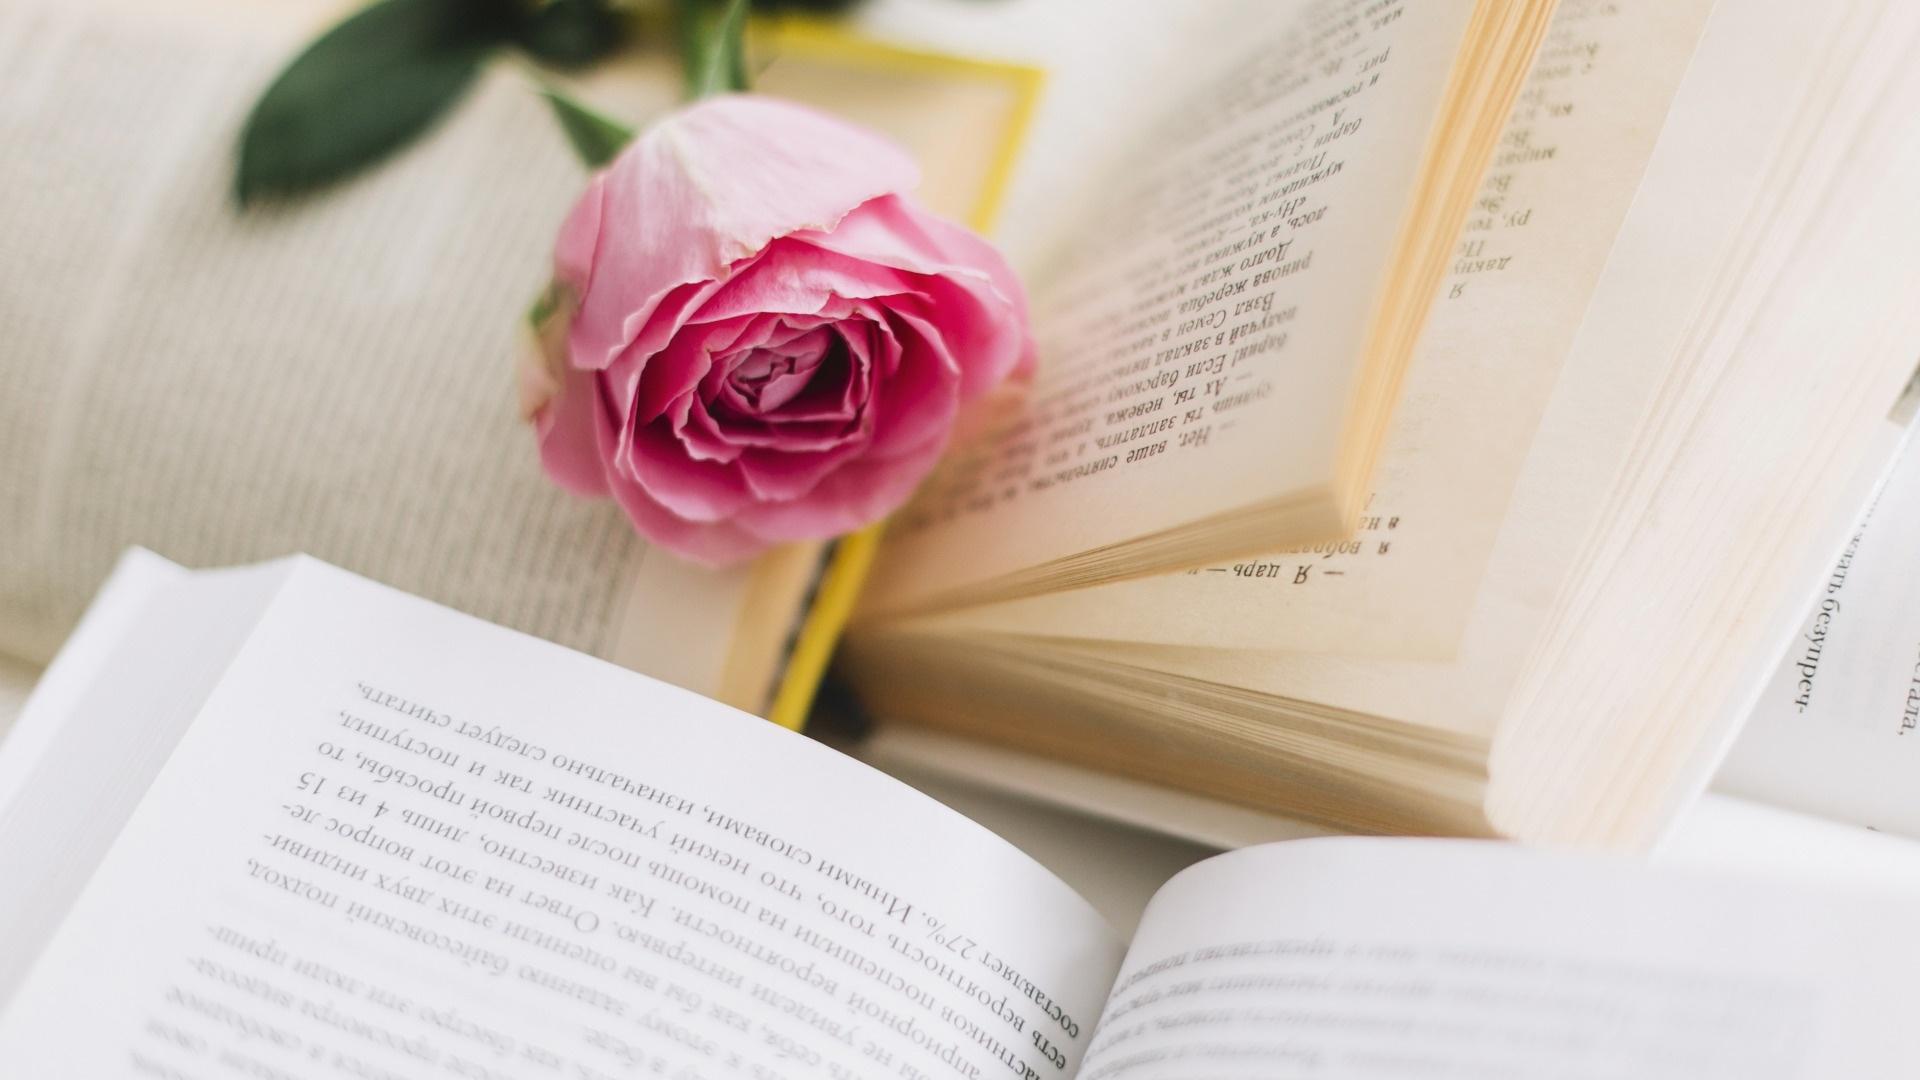 Book And Flower Desktop Wallpaper